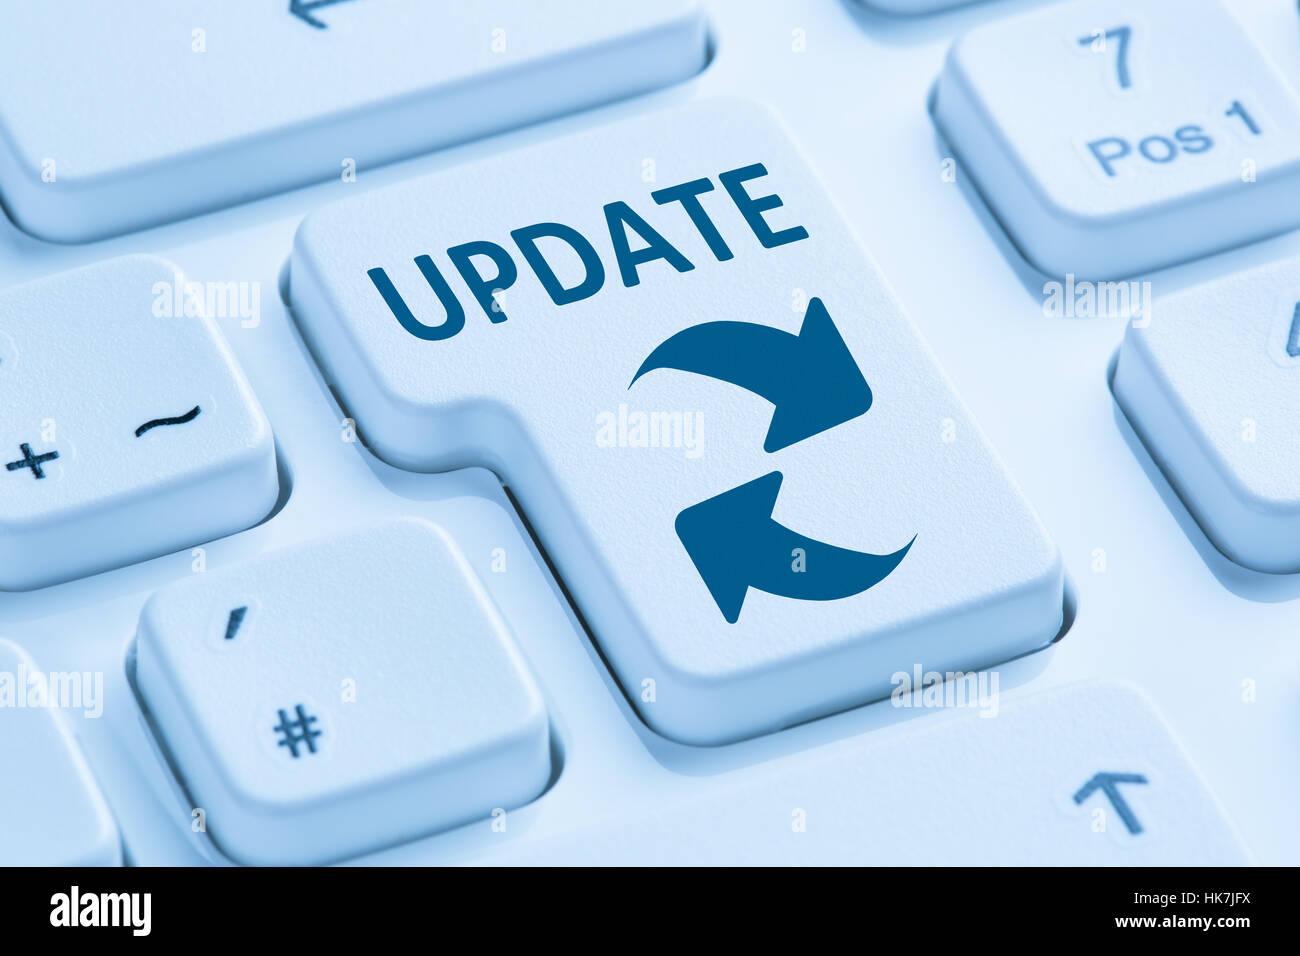 Actualización de software del equipo de seguridad de red teclado azul símbolo de virus Imagen De Stock